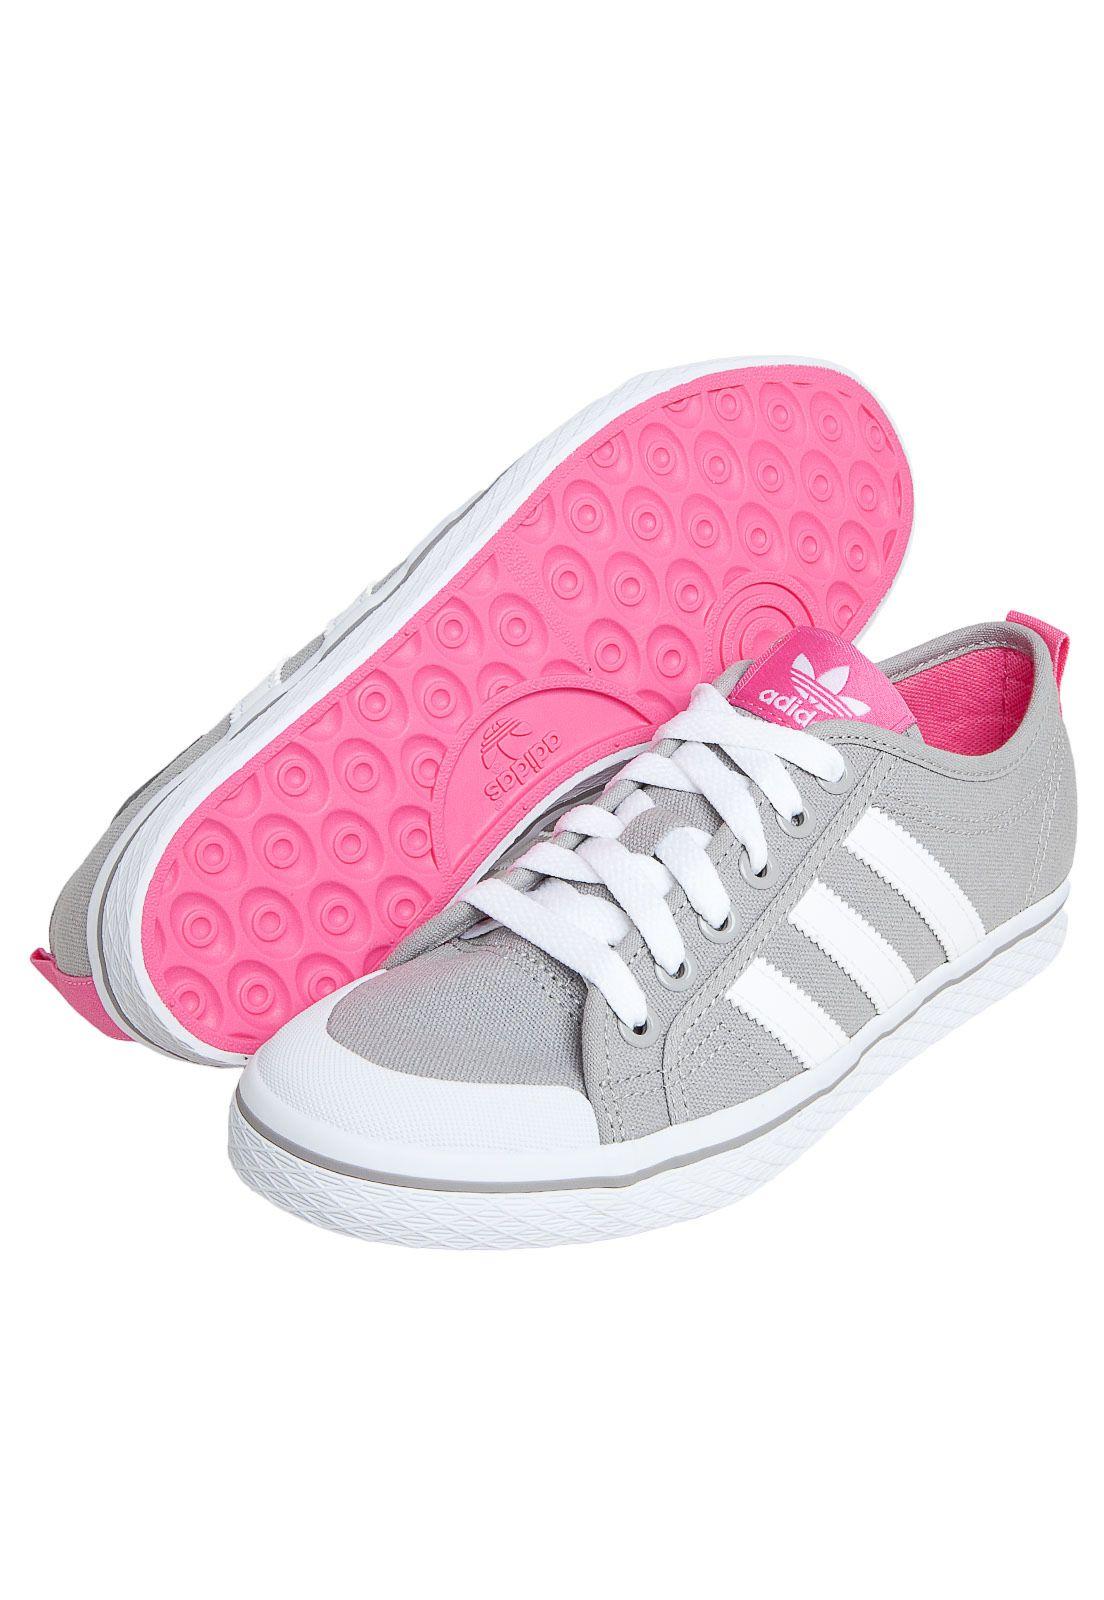 adidas rosa com cinsa